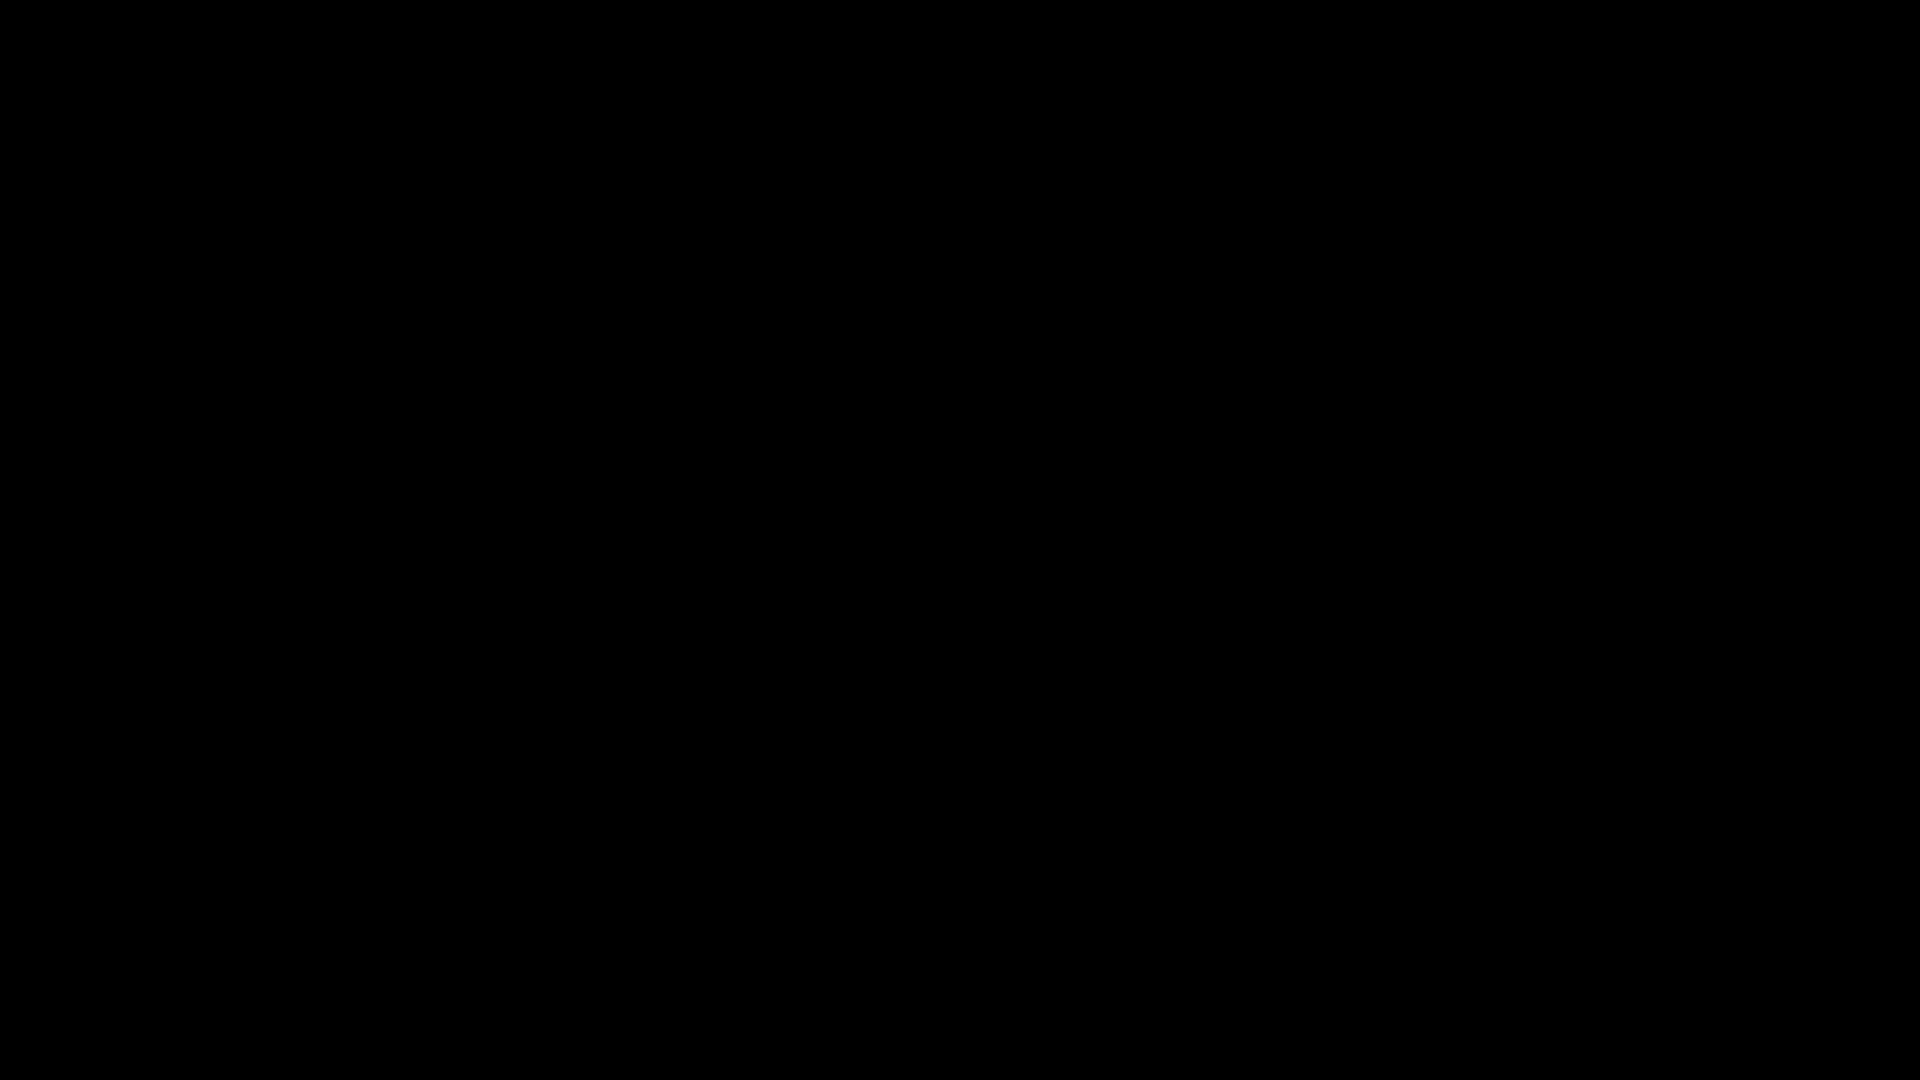 थोक नई लोकप्रिय जिम फिटनेस पार फिट उपकरण सामान प्रतियोगिता kettlebell